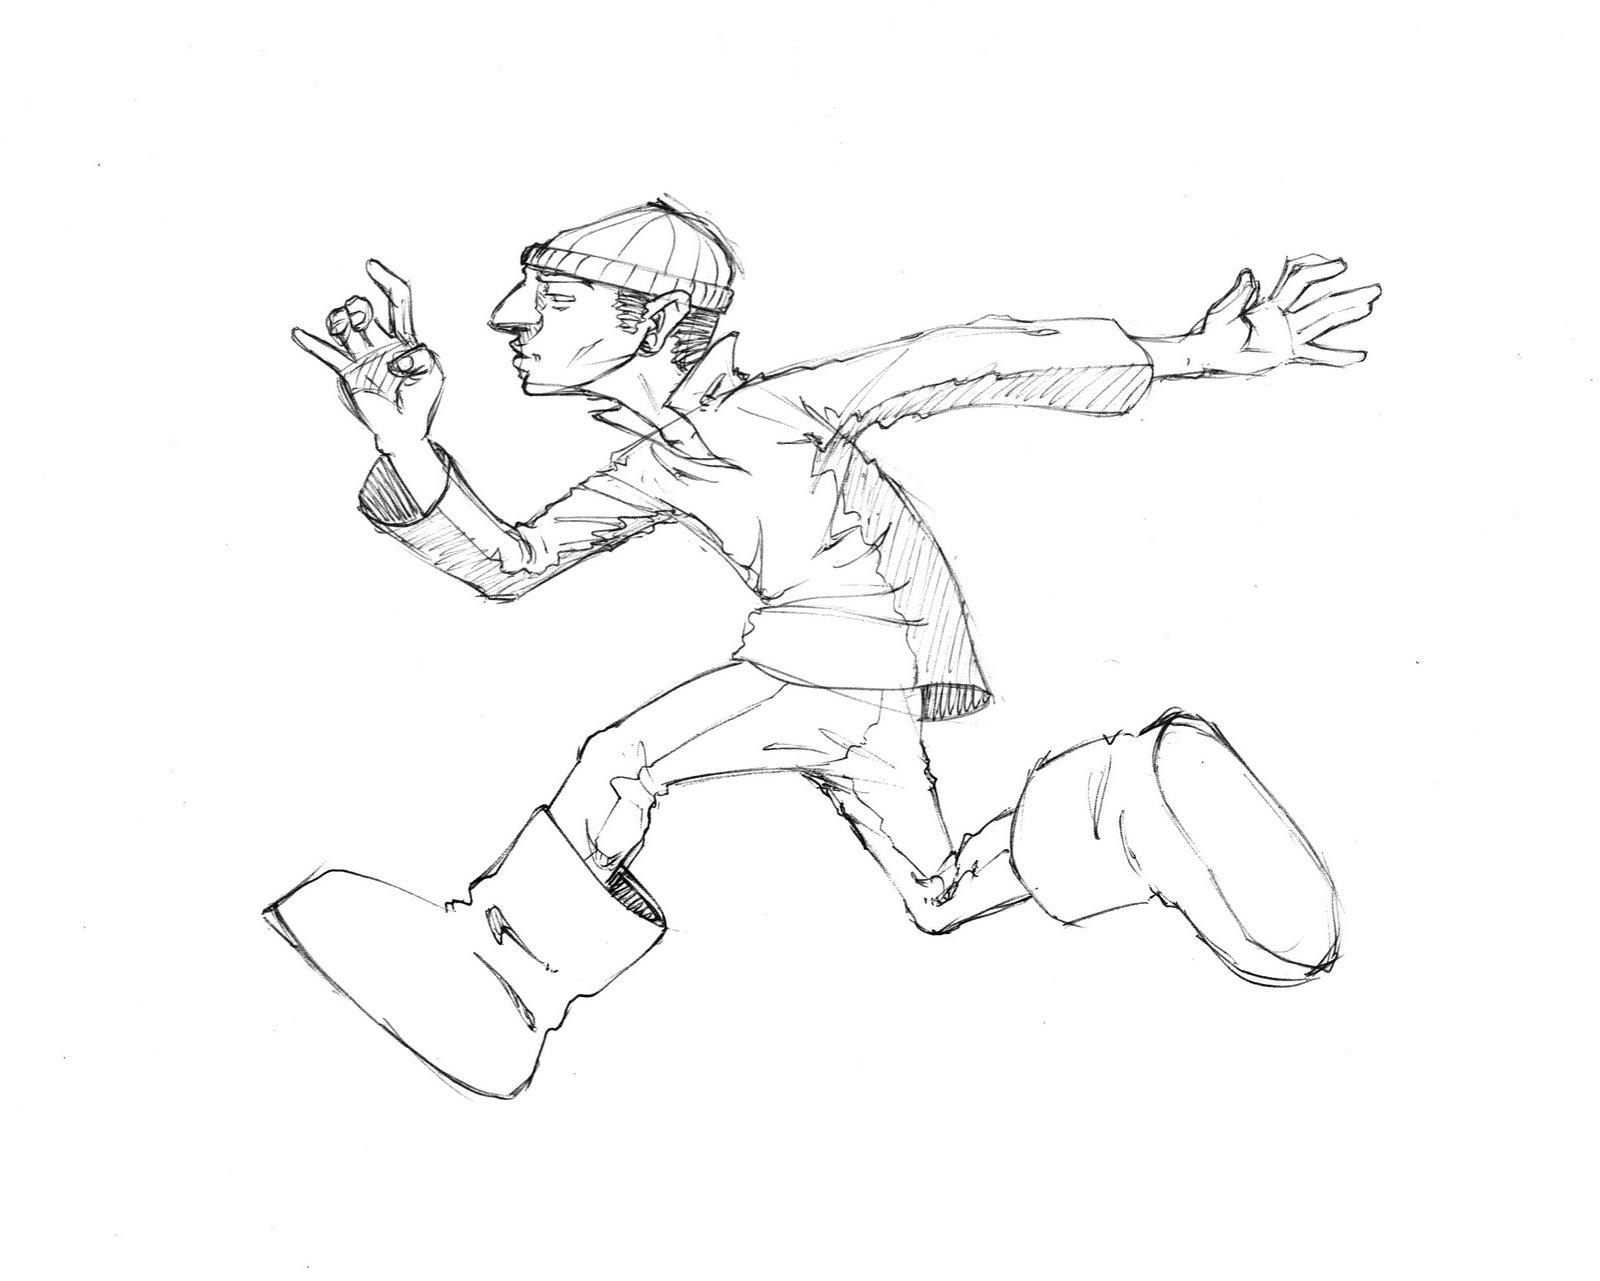 [runner]